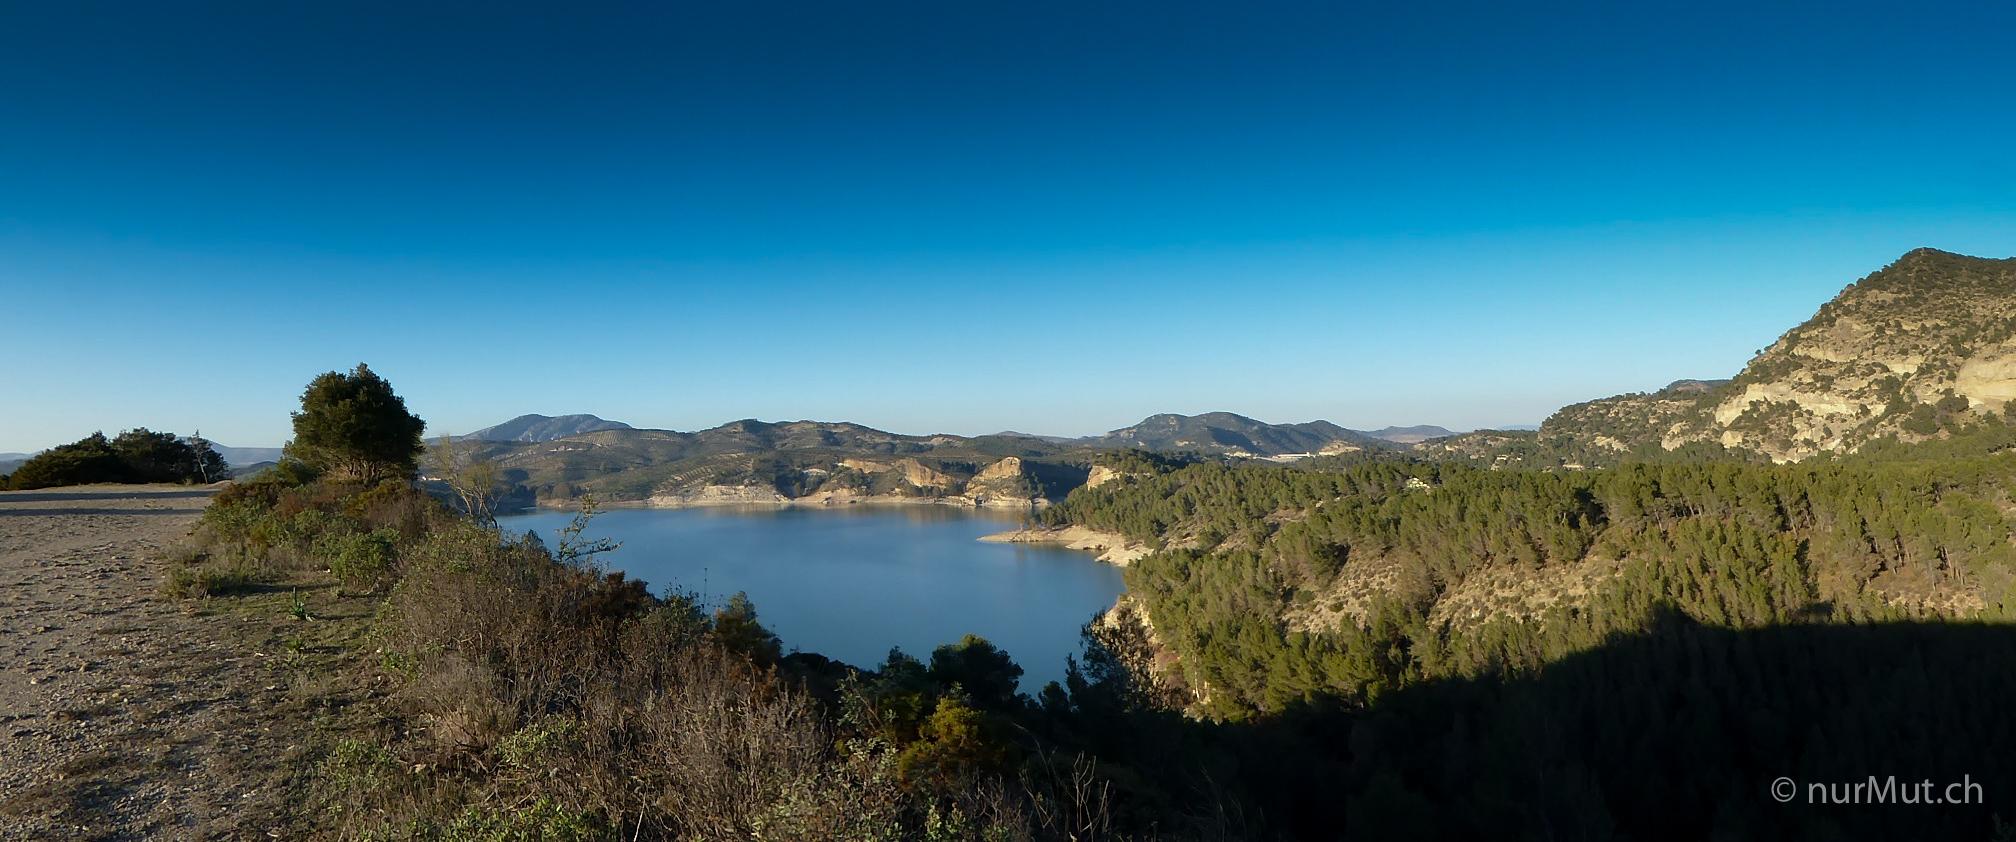 Südspanien - Hippie-Paradies oder Rentner-Hölle?